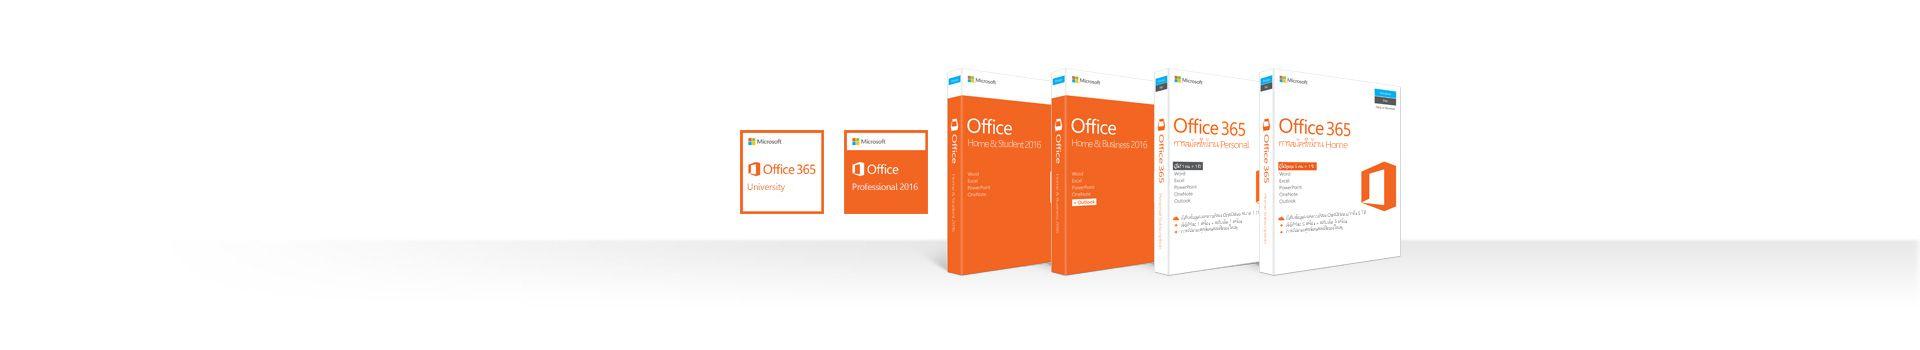 แถวกล่องของผลิตภัณฑ์ Office 2016 และ Office 365 สำหรับพีซี